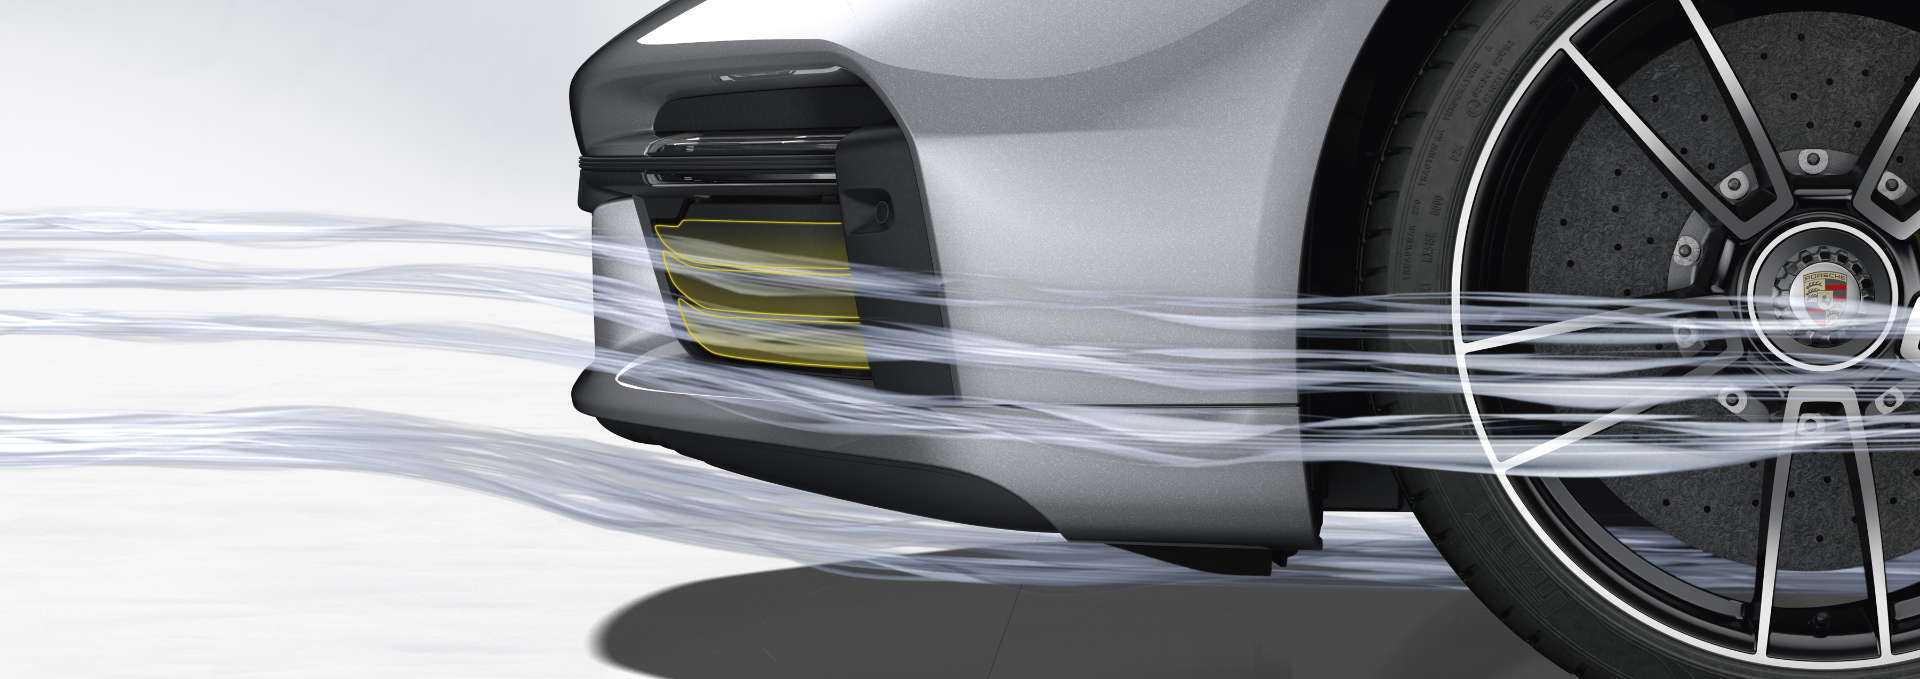 Porsche 911 Turbo Aerodynamik